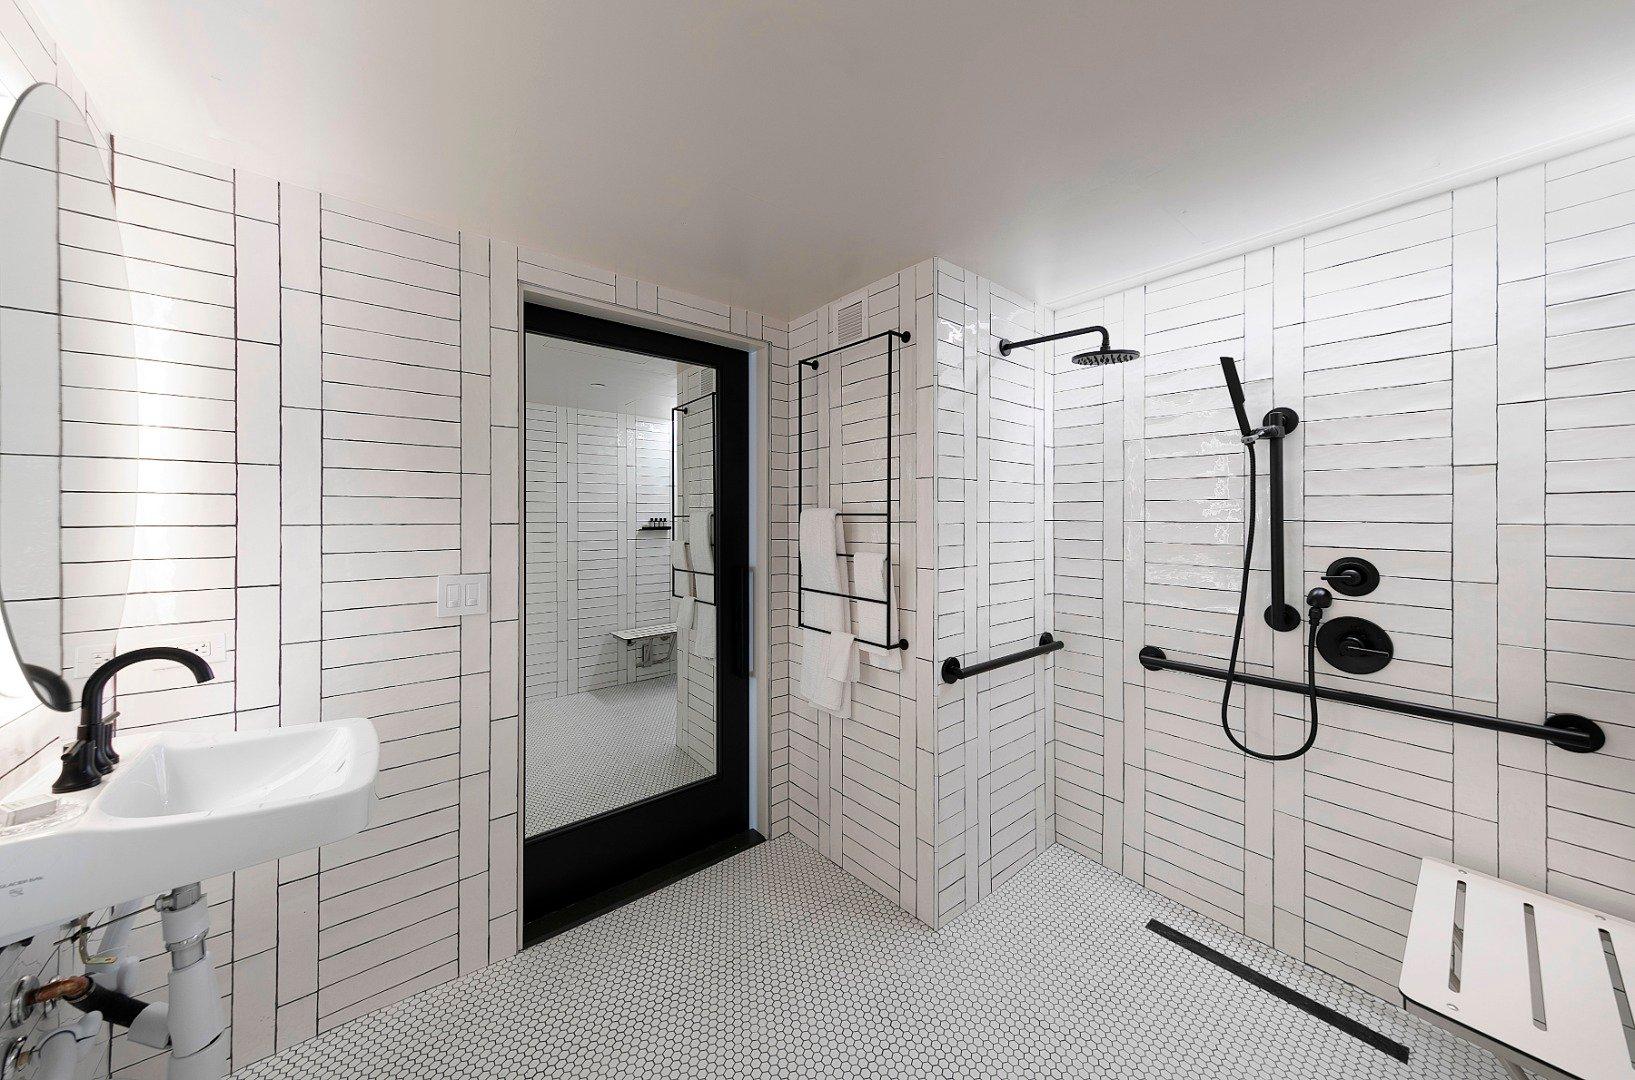 2 Queen Studio ADA with Roll-in Shower